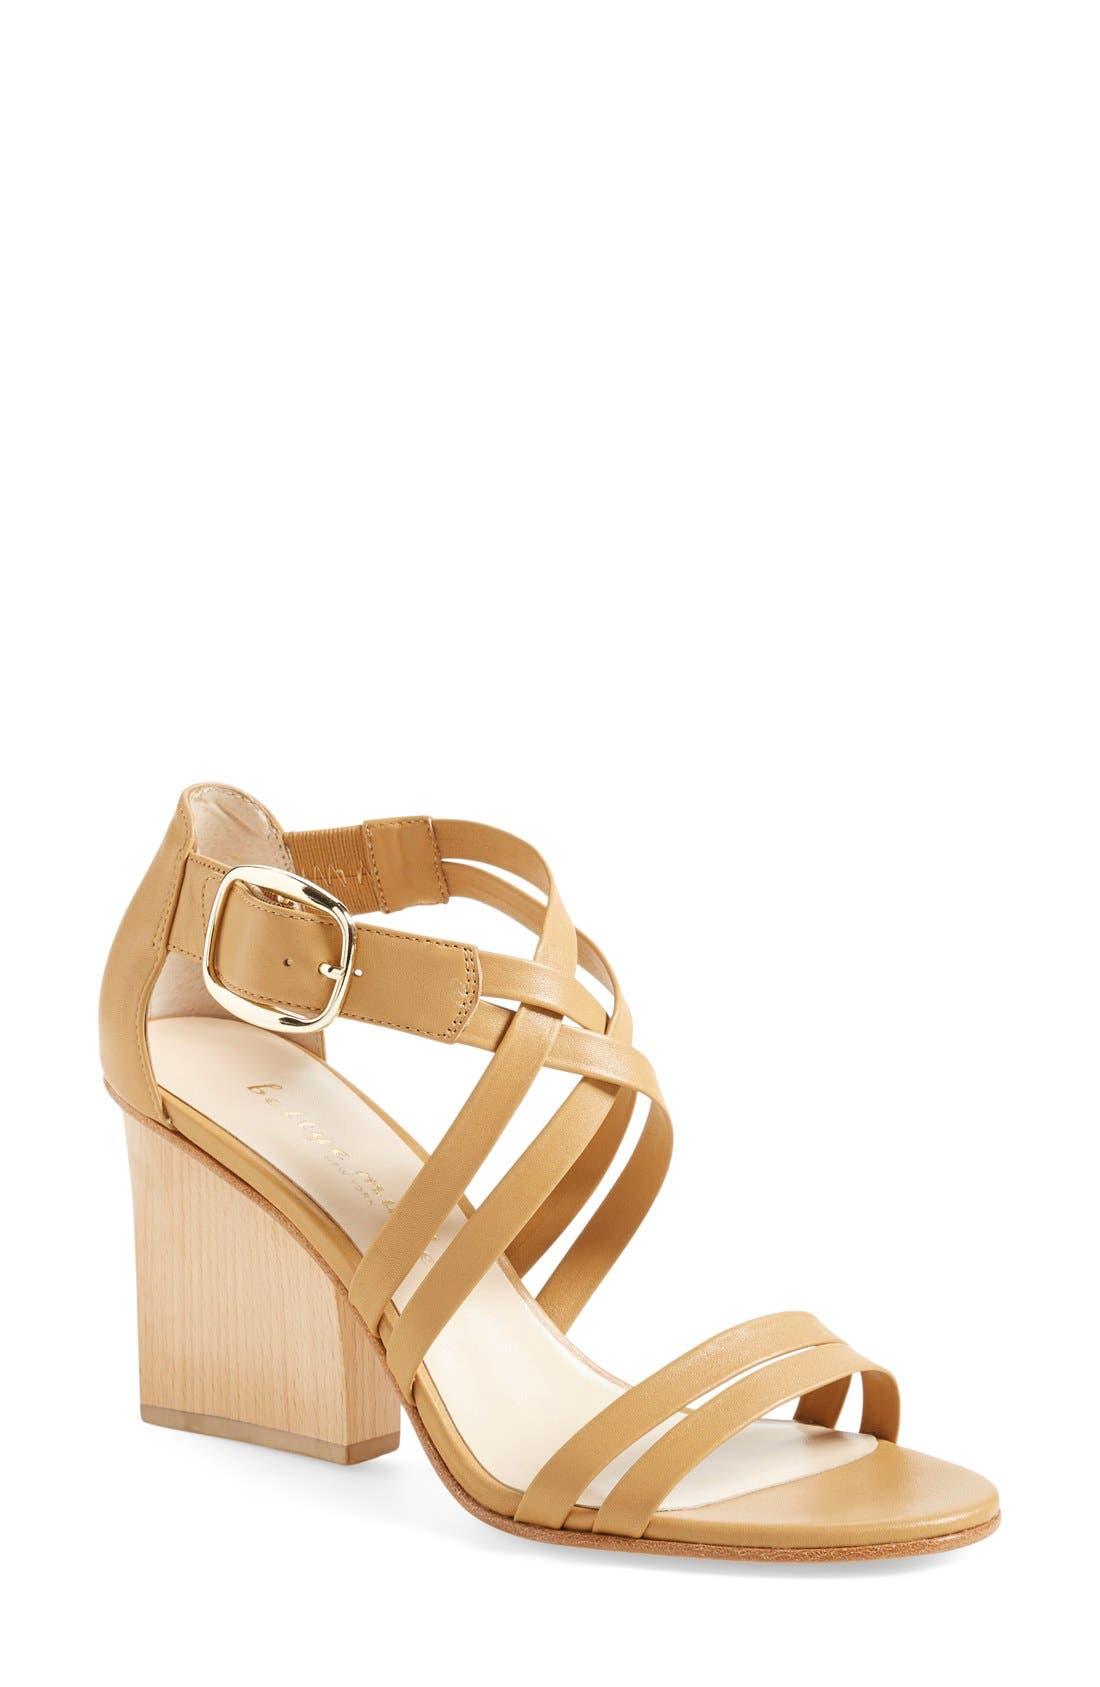 Main Image - Bettye Muller 'Cubana' Sandal (Women)